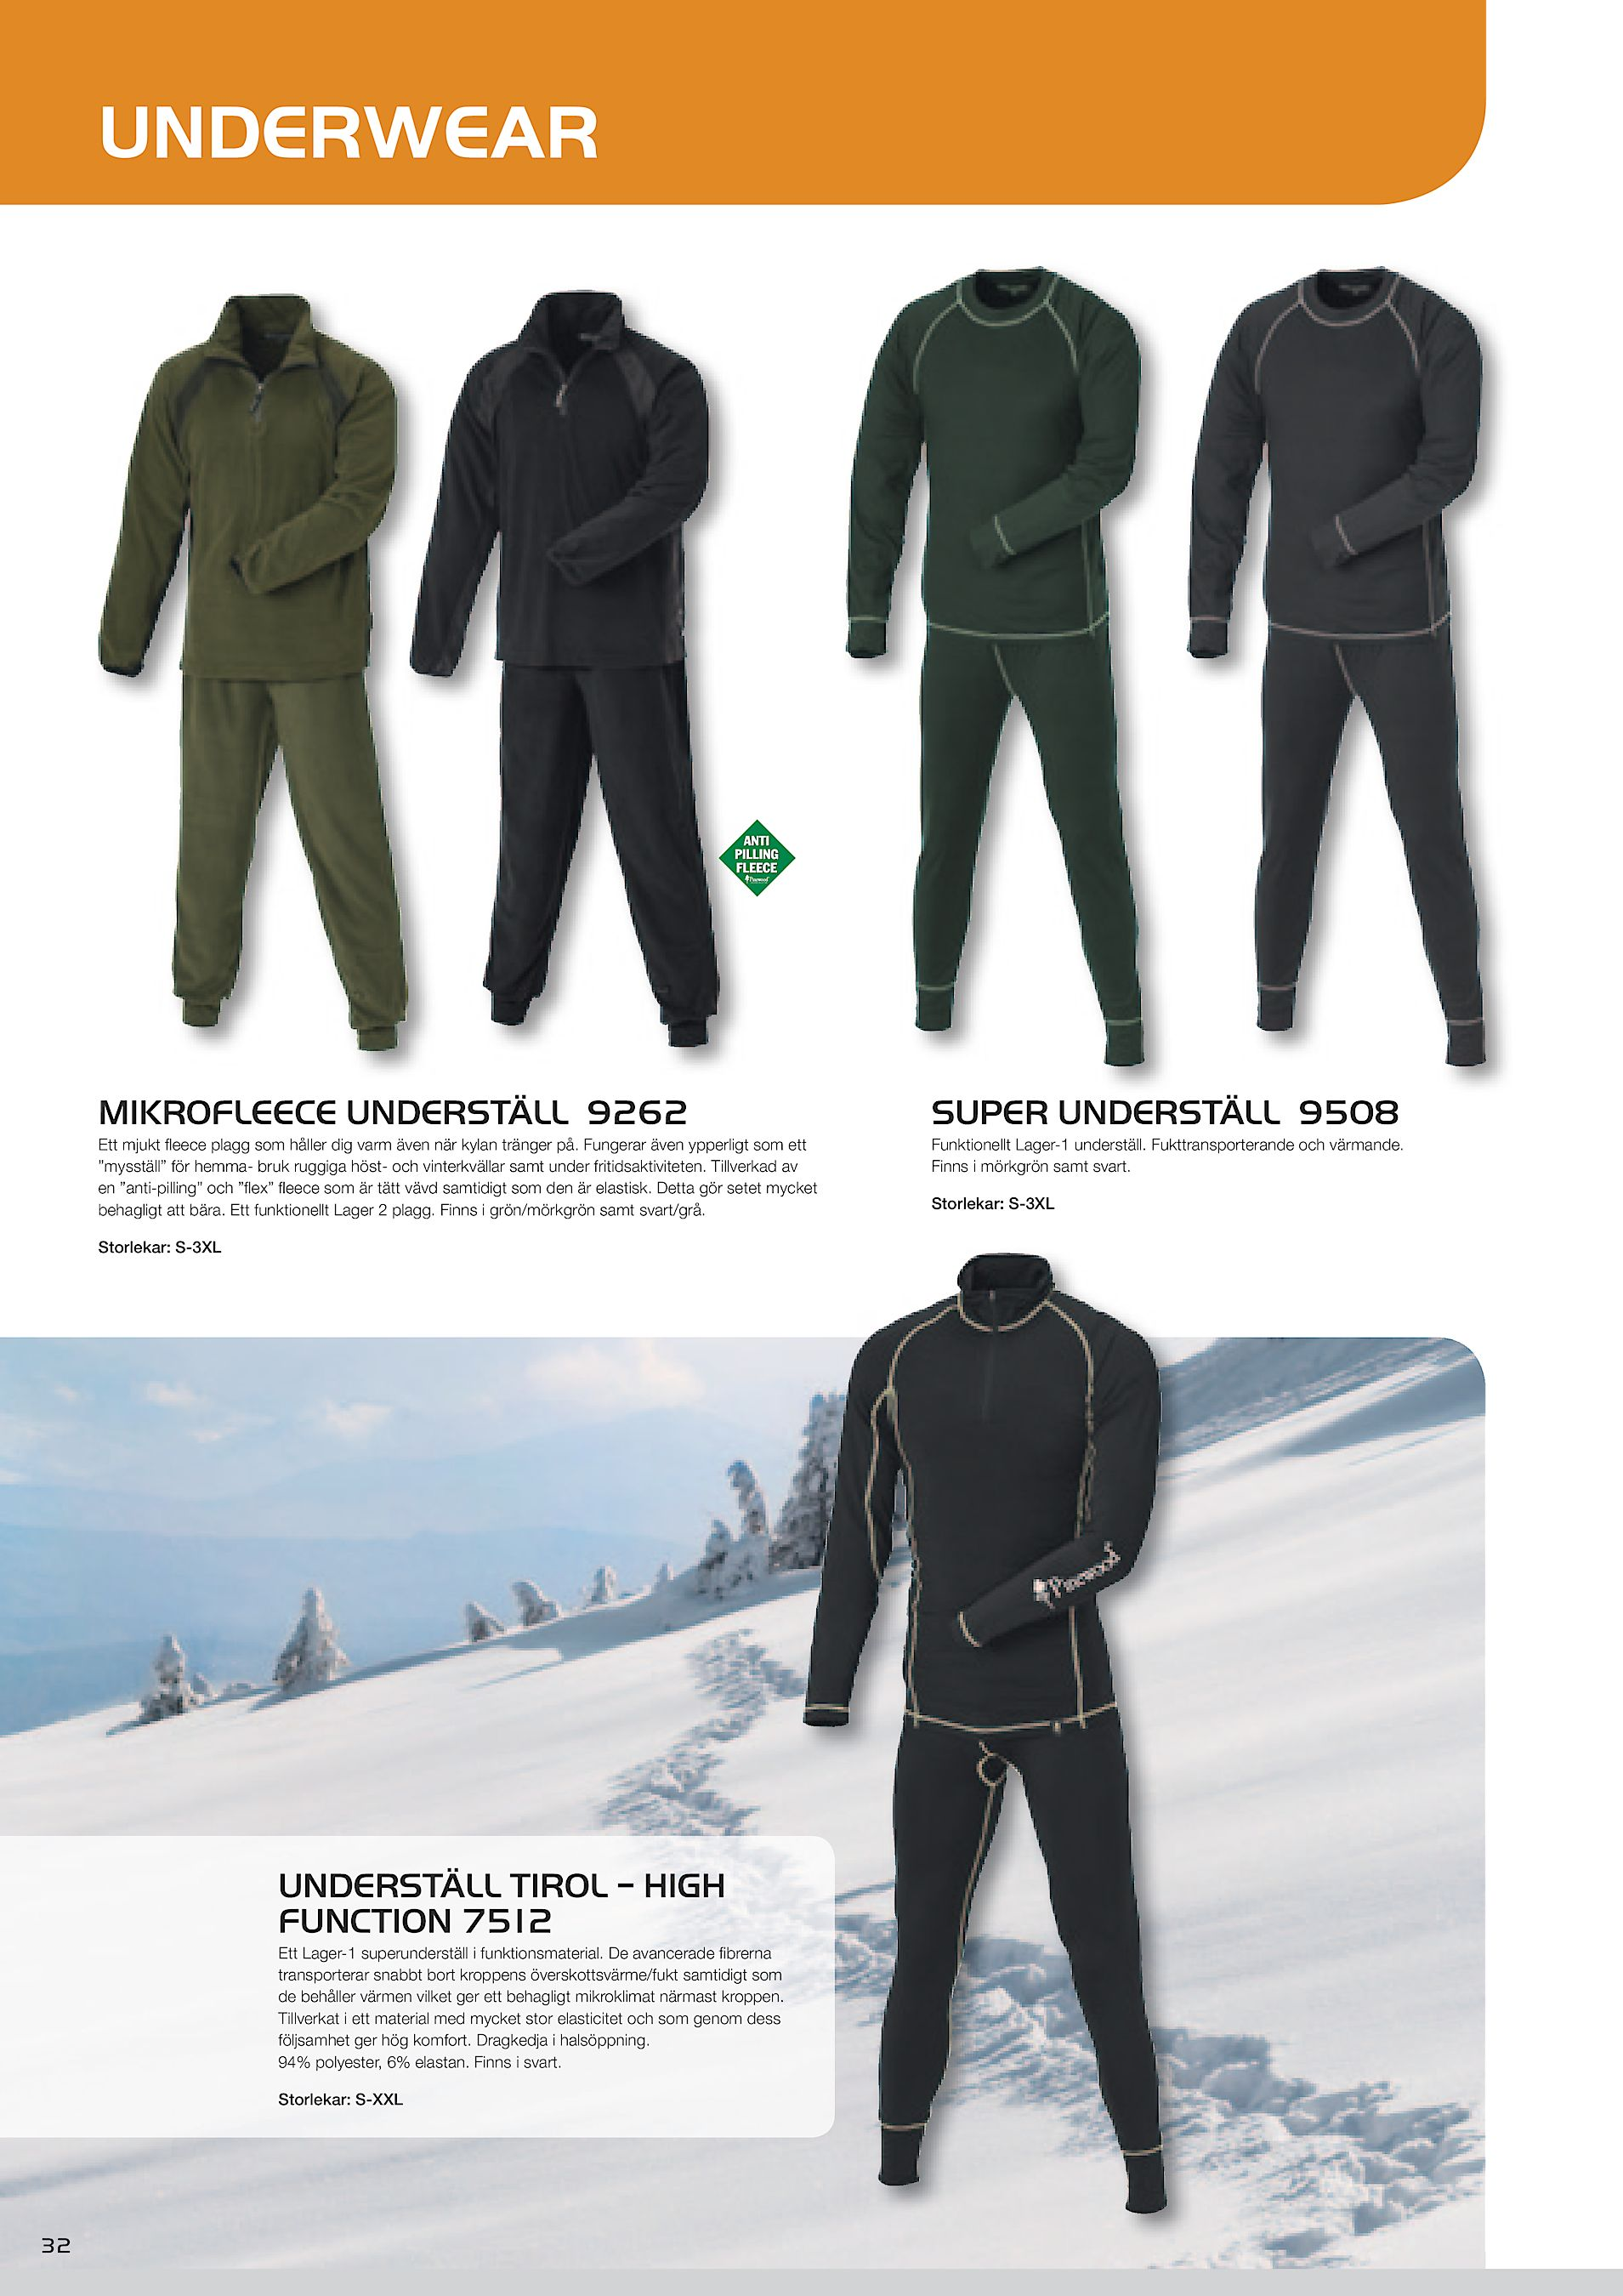 SE - Outdoor Höst Vinter 2014-2015 Outdoor (endast text) ed7757f956c16